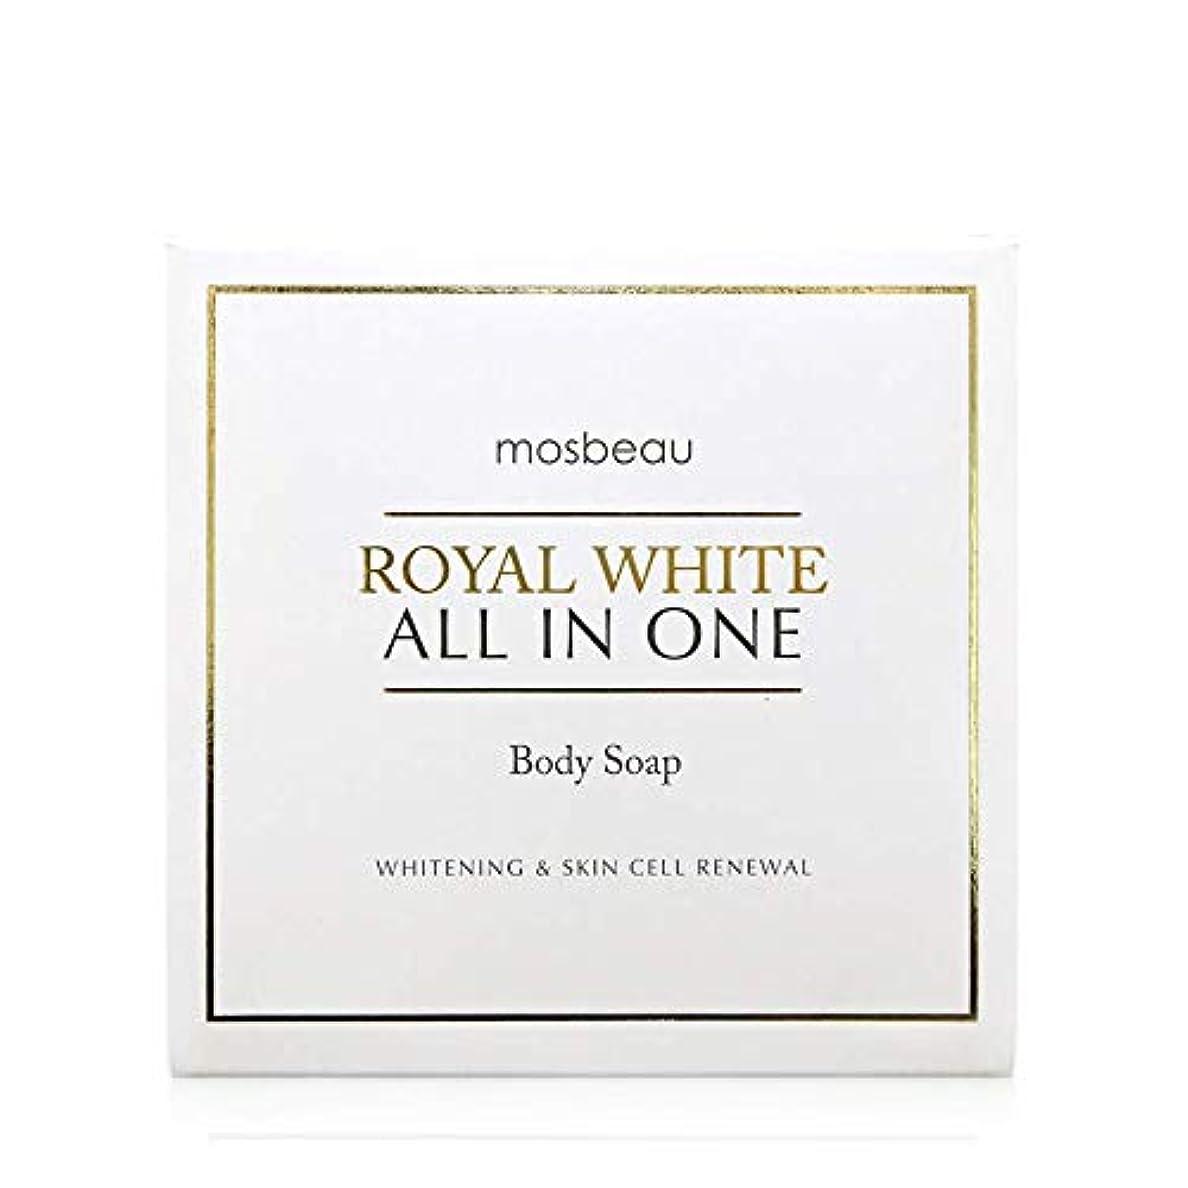 せがむ親指牛mosbeau ROYAL WHITE ALL-IN-ONE BODY SOAP 100g ロィヤルホワイトオールインワンボディーソープ